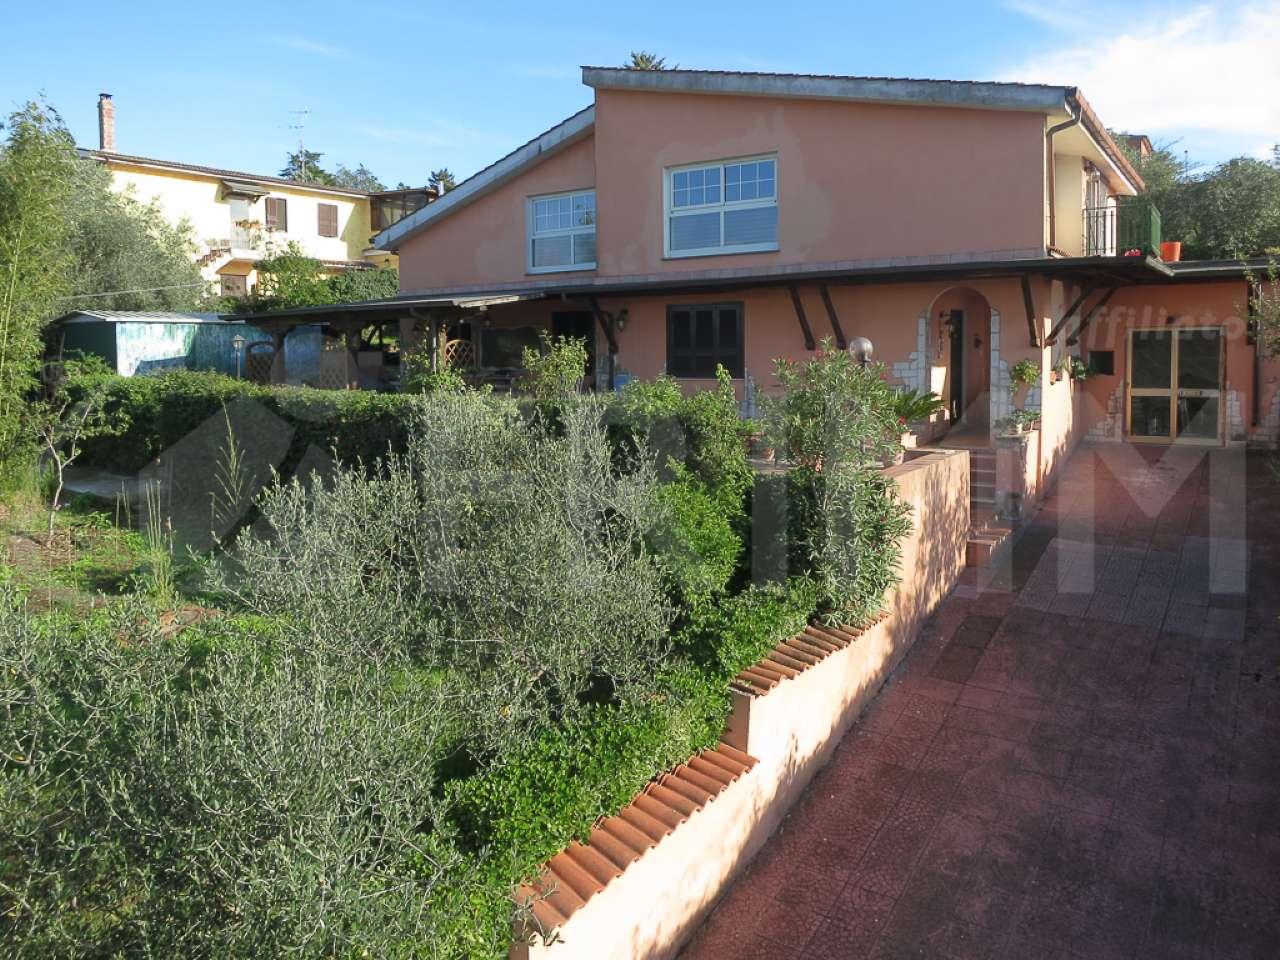 Villa in vendita a Aprilia, 10 locali, prezzo € 185.000 | CambioCasa.it